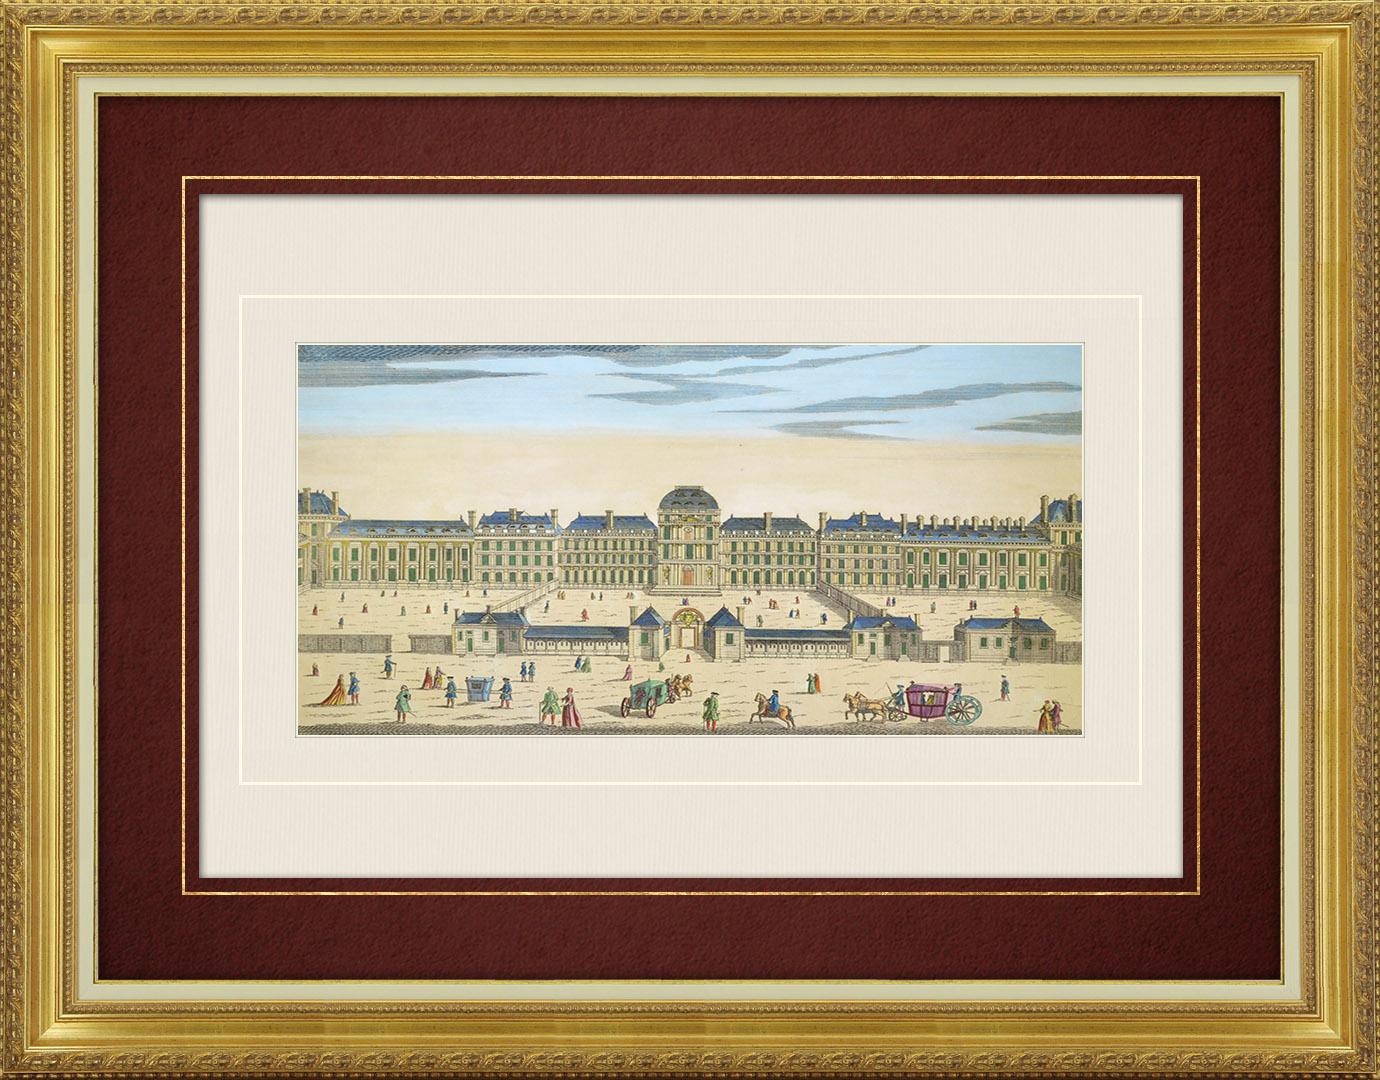 Vue d'optique du 18e siècle en coloris d'époque du Palais des Tuileries à Paris (France)